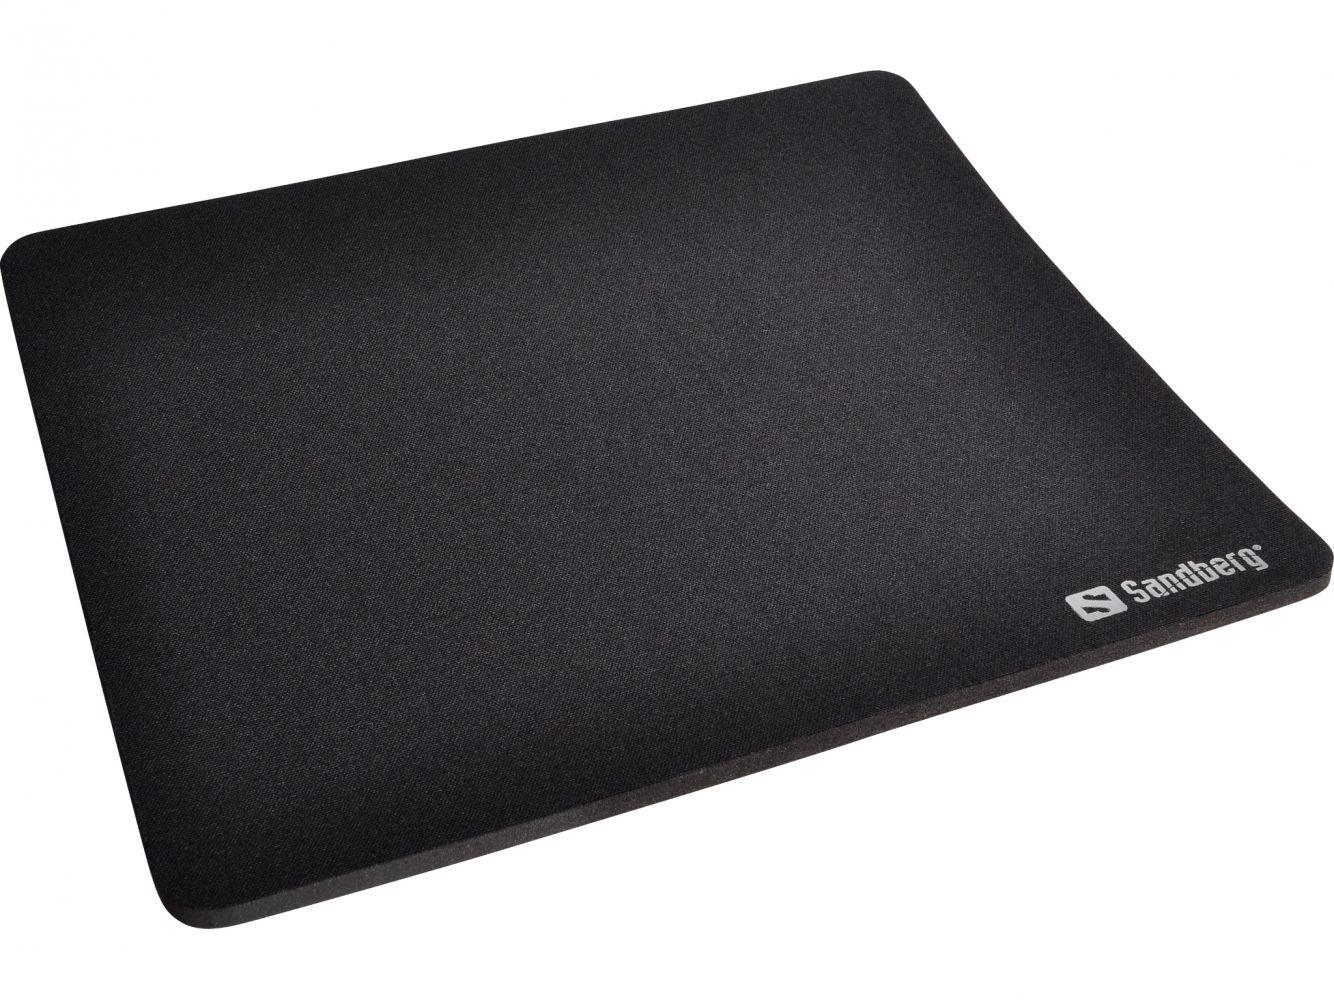 Купить Игровые поверхности, Коврик для мыши Sandberg 520-05